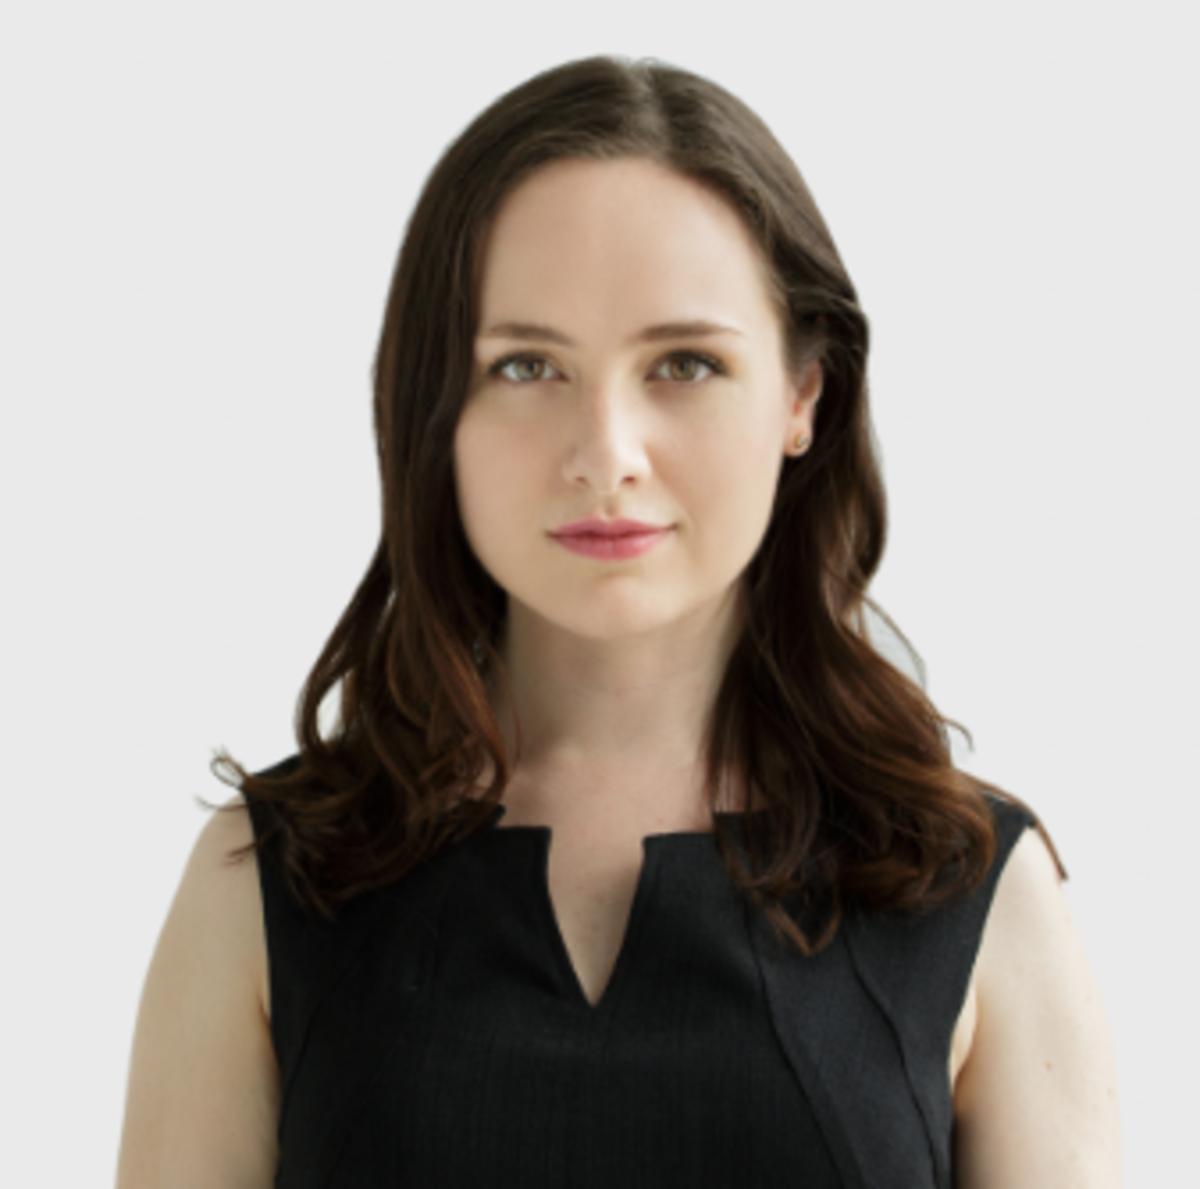 Amanda-o-connor-literary-agent